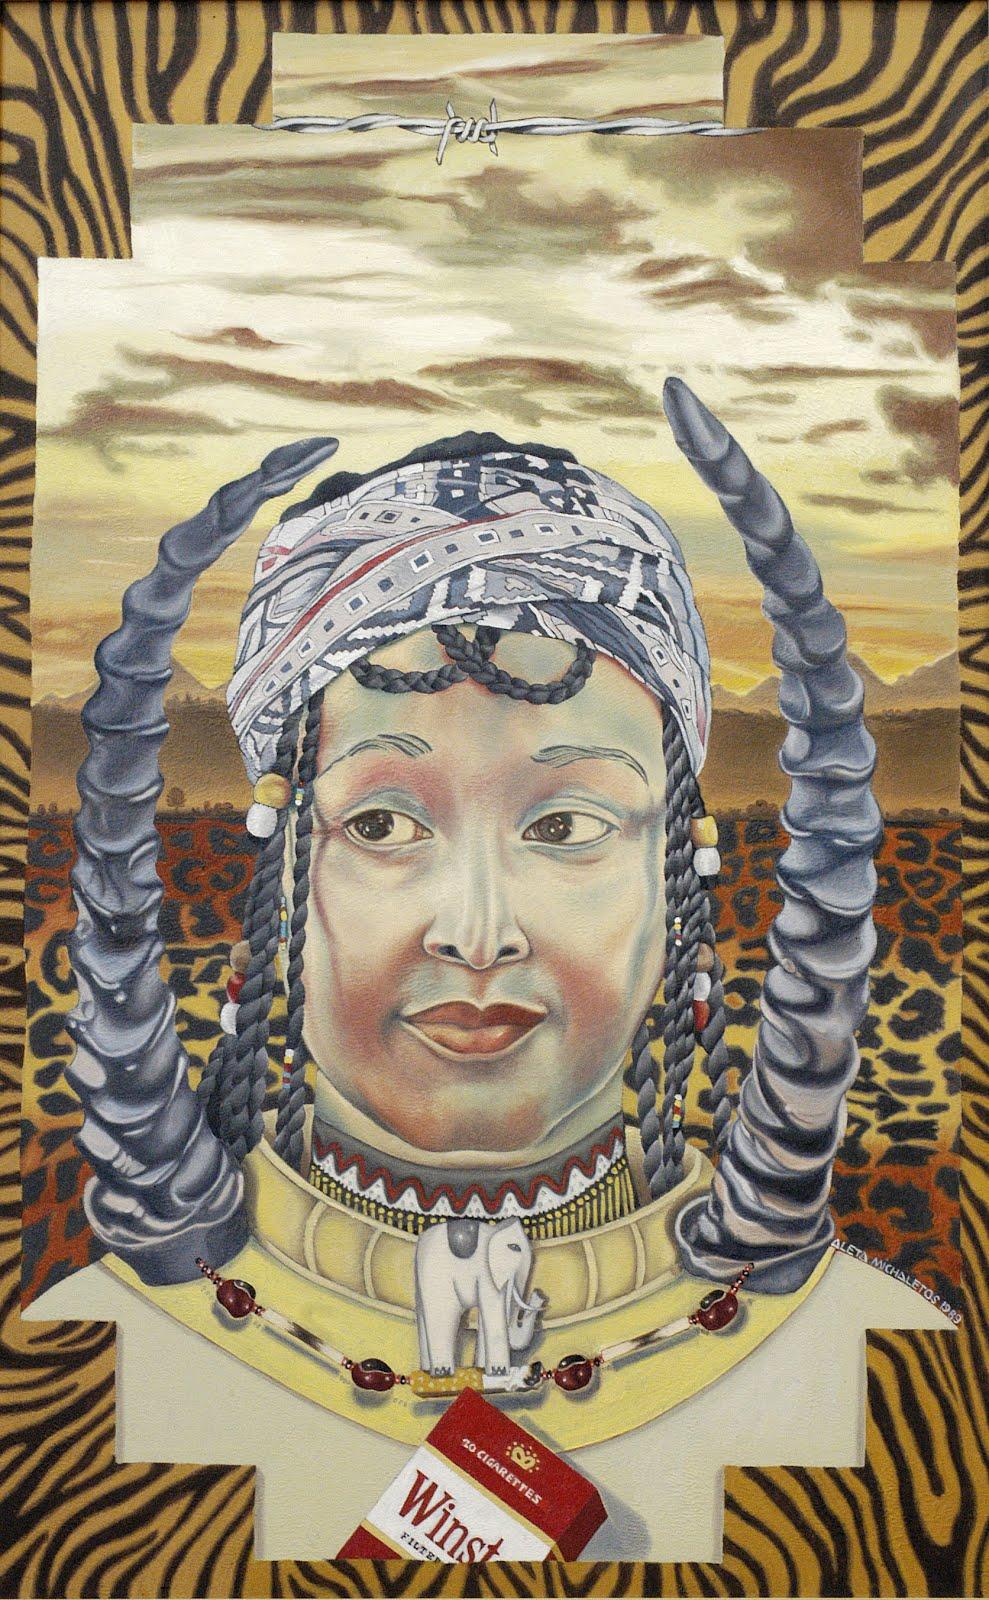 """南非杰出女画家阿丽塔·迈克尔罗特之五:""""文化女王"""" - 六一儿童 - 译海拾蚌"""